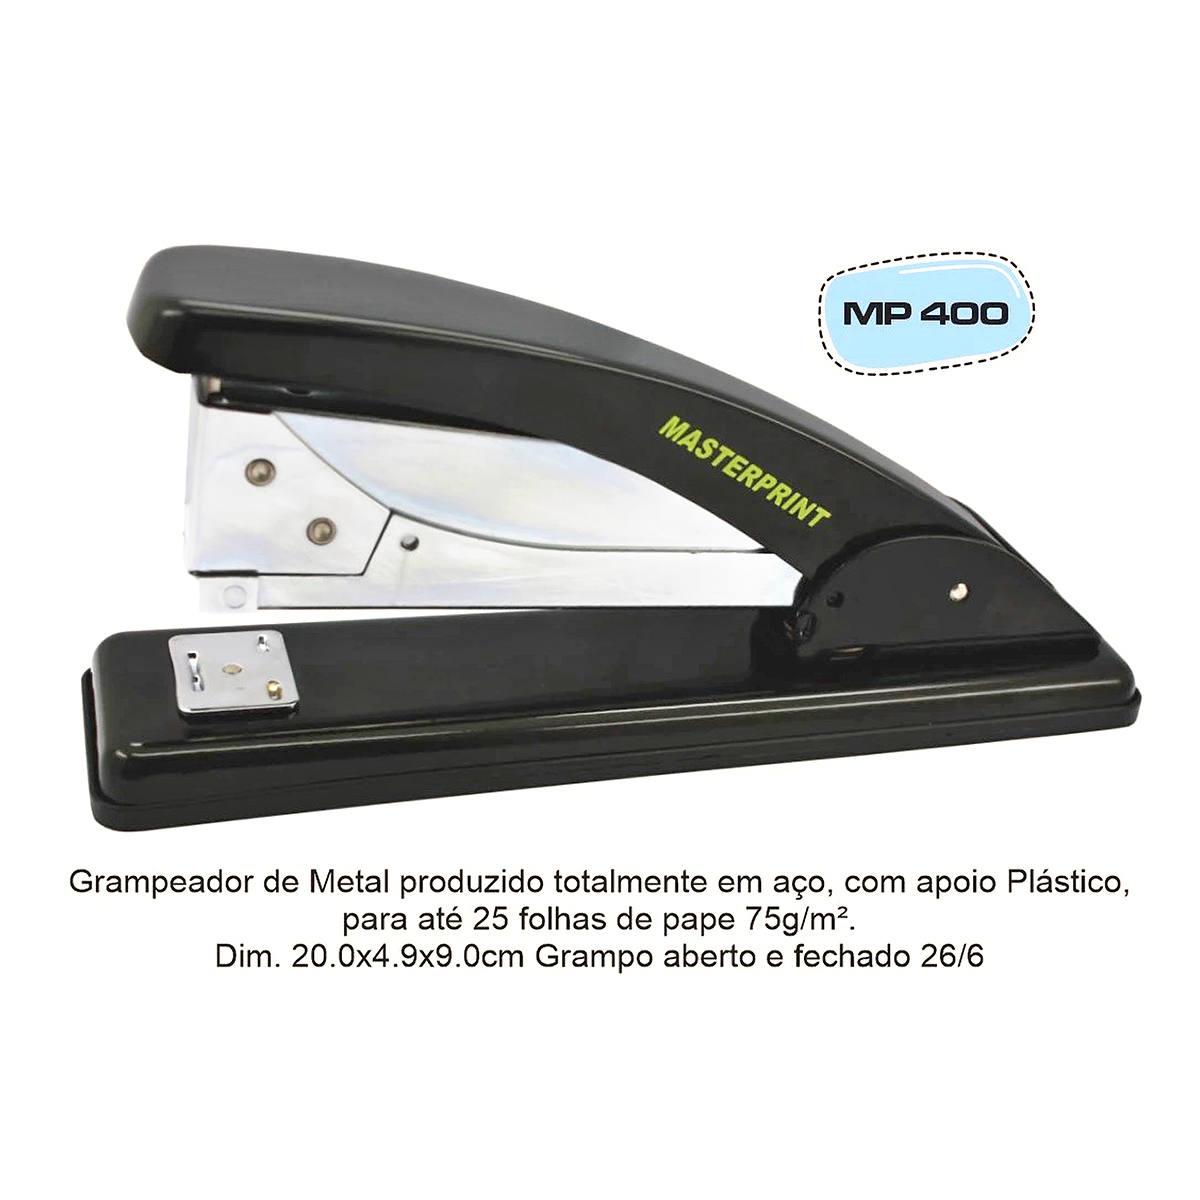 Grampeador Grande de Metal 19,5cm Grampos 26/6 para até 25 Folhas Masterprint MP400